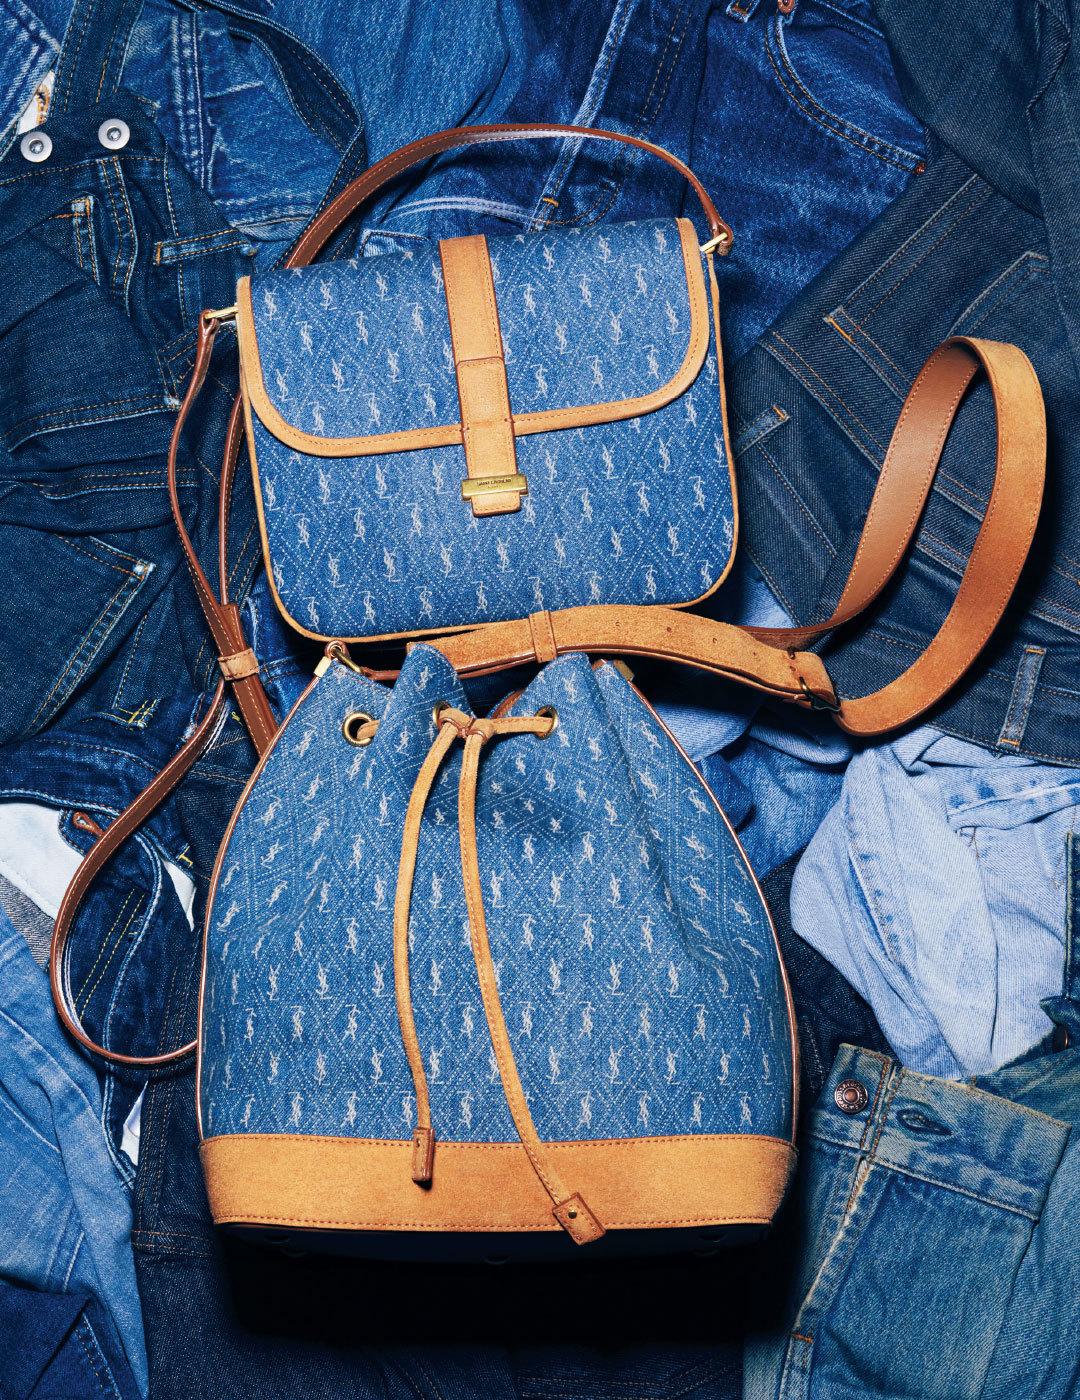 サンローランの人気モノグラムシリーズのバッグにデニムコレクションが登場♡【Fashion Scoop!】_1_2